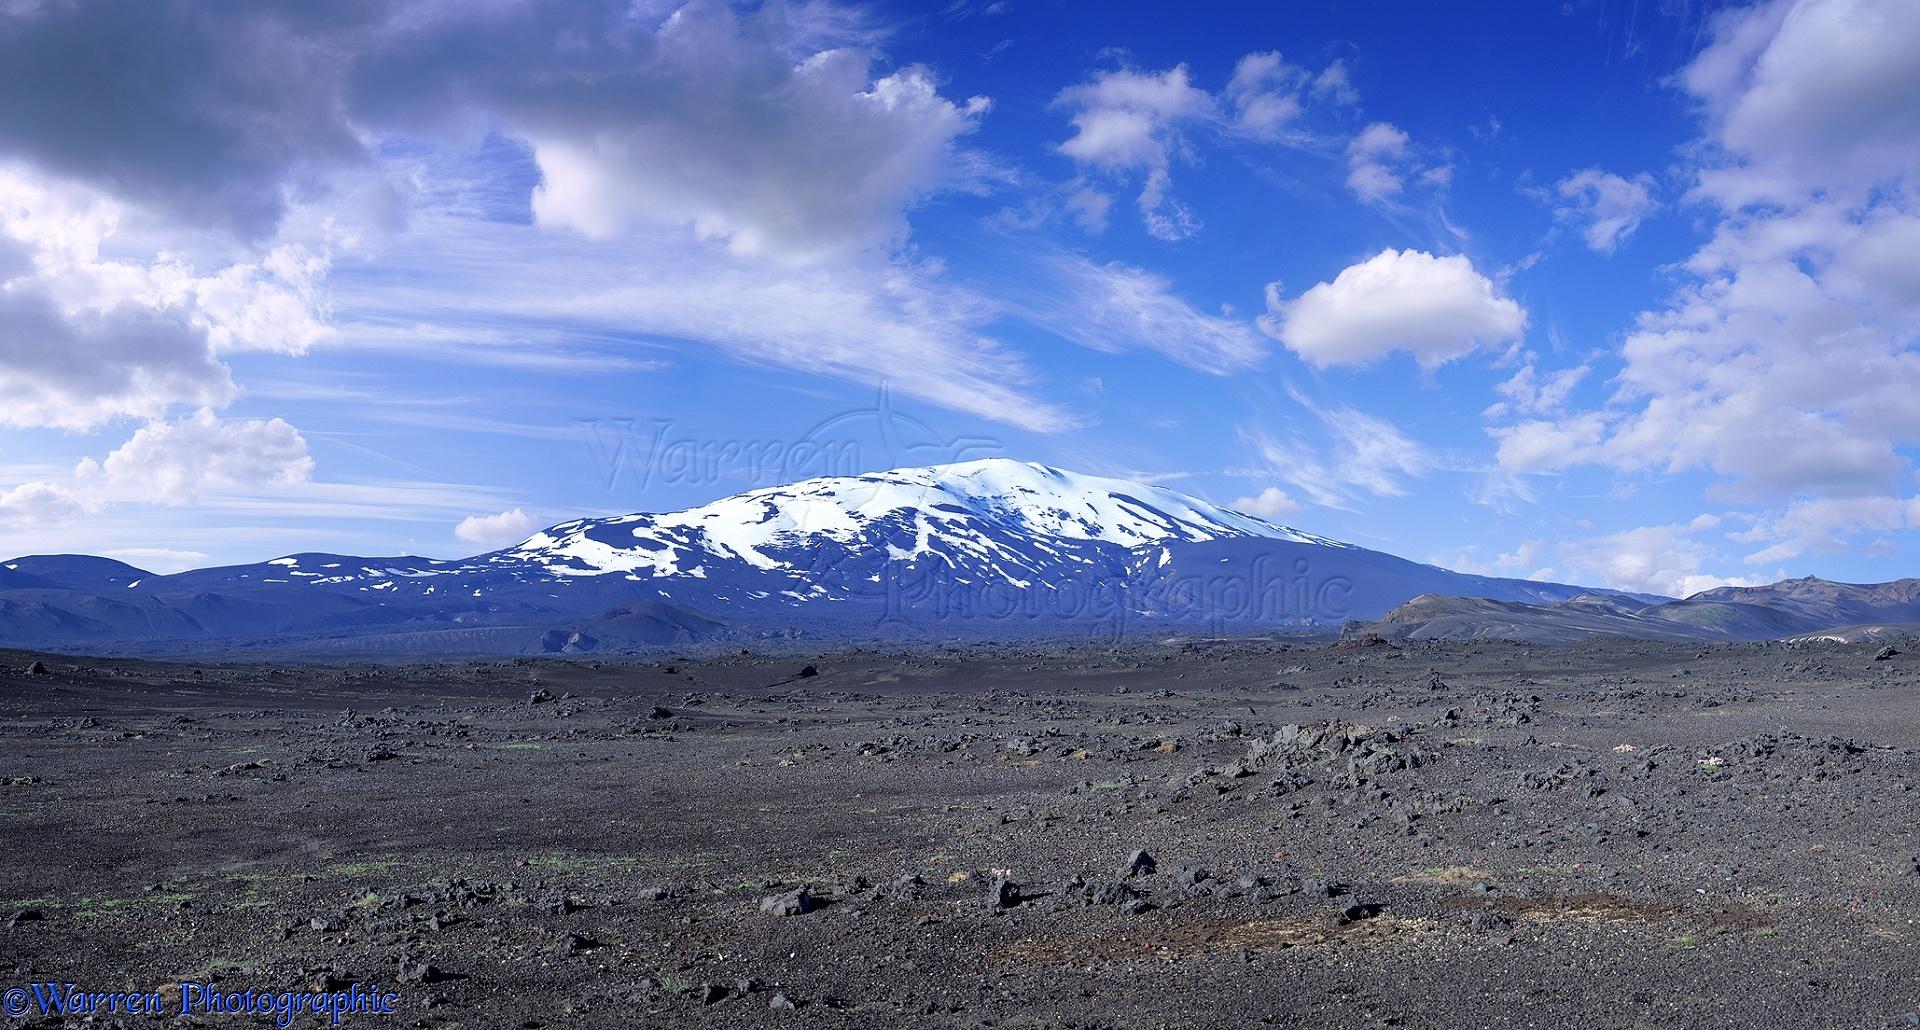 WP01376 Mount Hekla . Iceland .: www.warrenphotographic.co.uk/01376-hekla-panorama